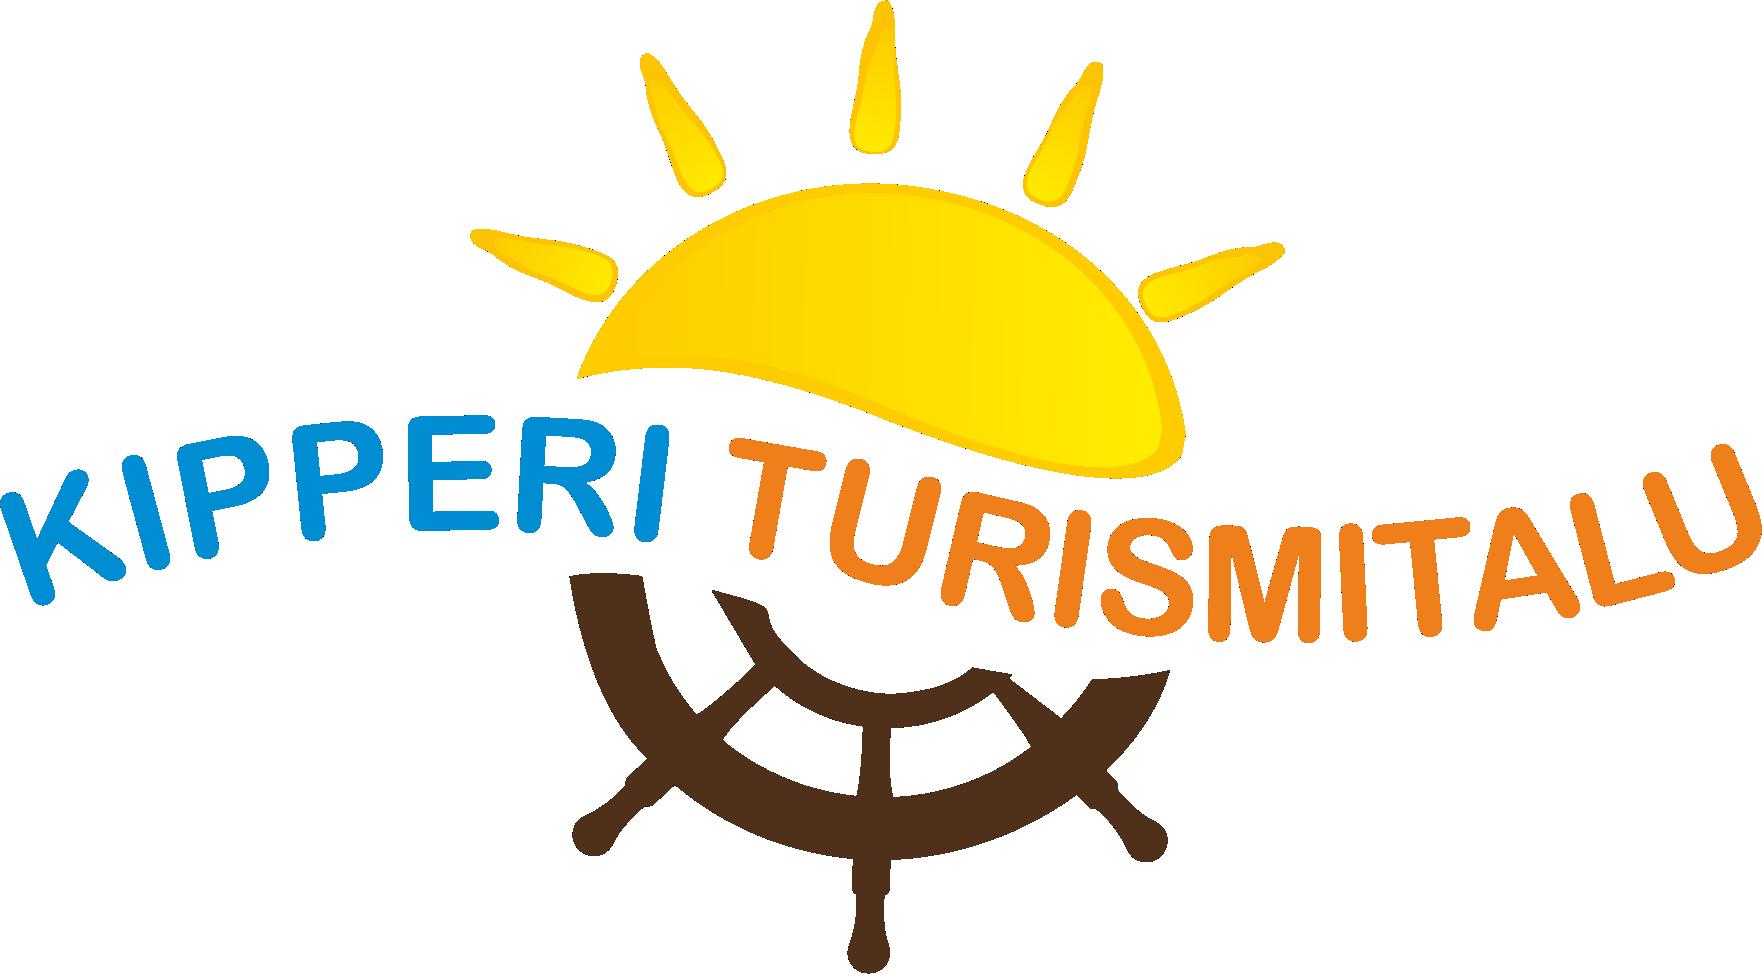 Kipperi Turismitalu